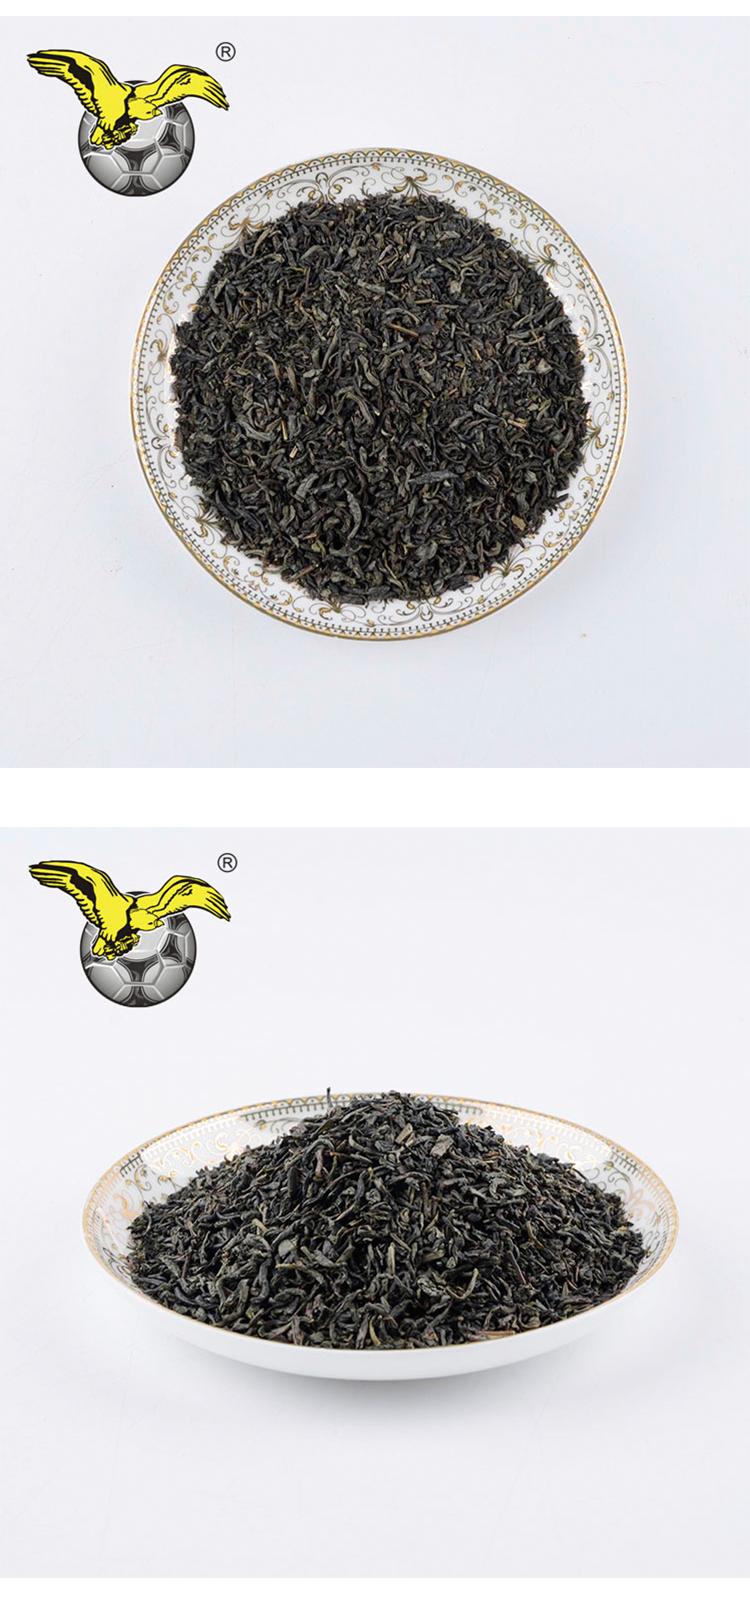 organic chinese tea to Africa market box packing chunmee tea company 41022AAA - 4uTea   4uTea.com